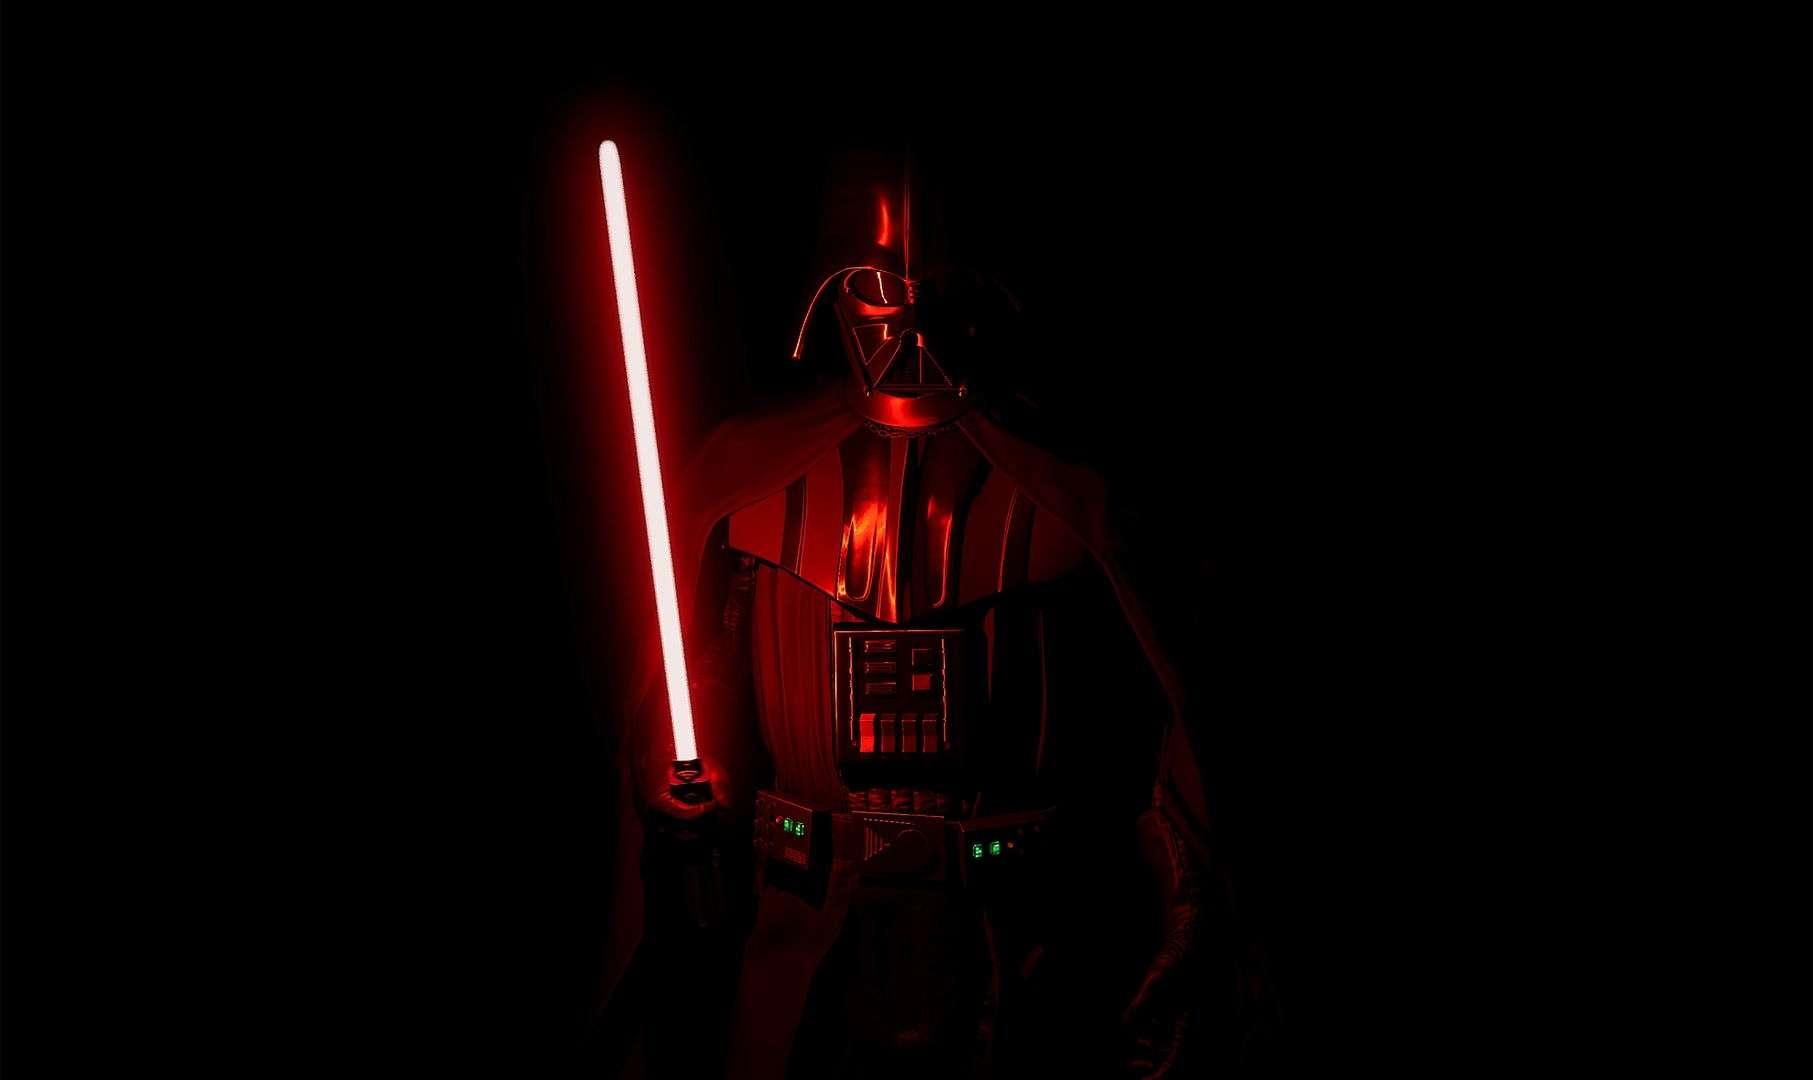 Dans le jeu Vader Immortal: A Star Wars VR Series- Episode I, prévu pour les casques de réalité virtuelle Oculus Rift S et Oculus Quest, le joueur enfilera es bottes d'un contrebandier emprisonné sur la planète Mustafar. © ILMxLAB